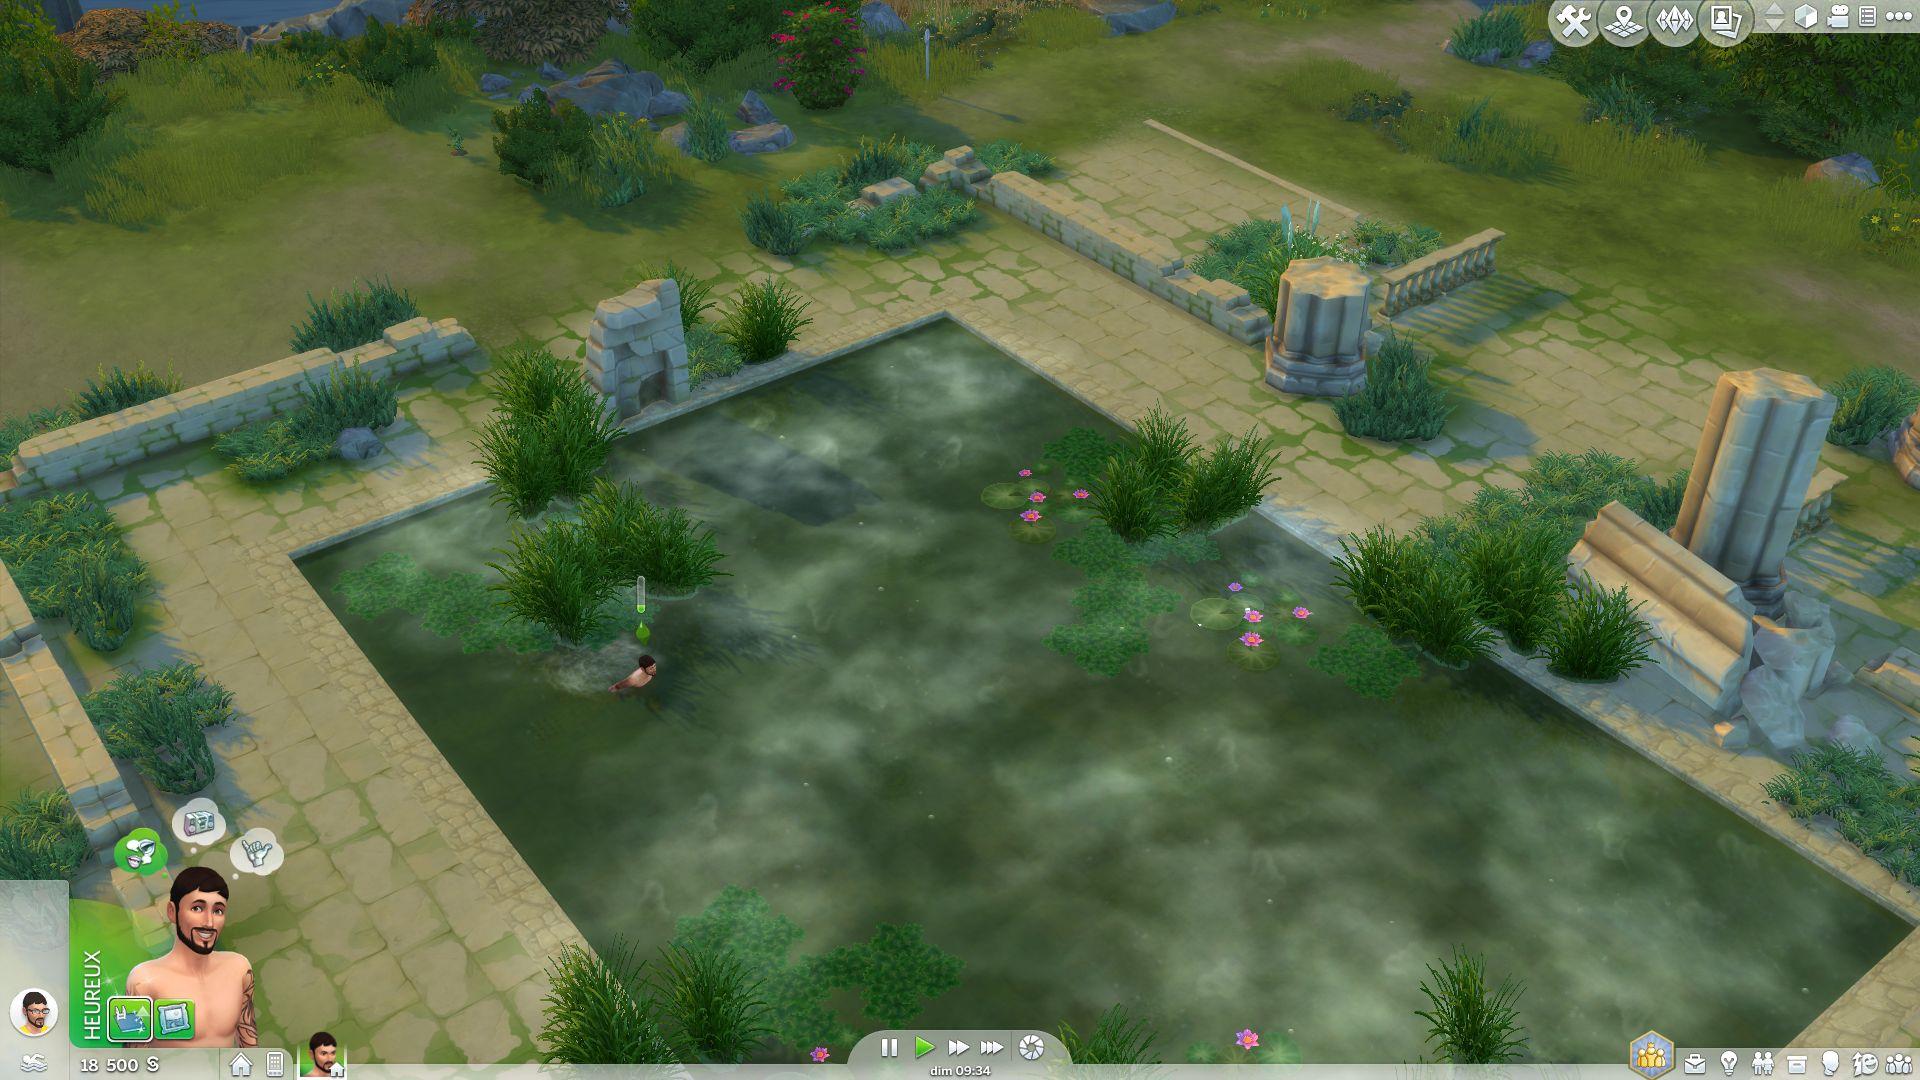 Les sims 4 vivre ensemble aper u des nouvelles for Sims 4 piscine a debordement